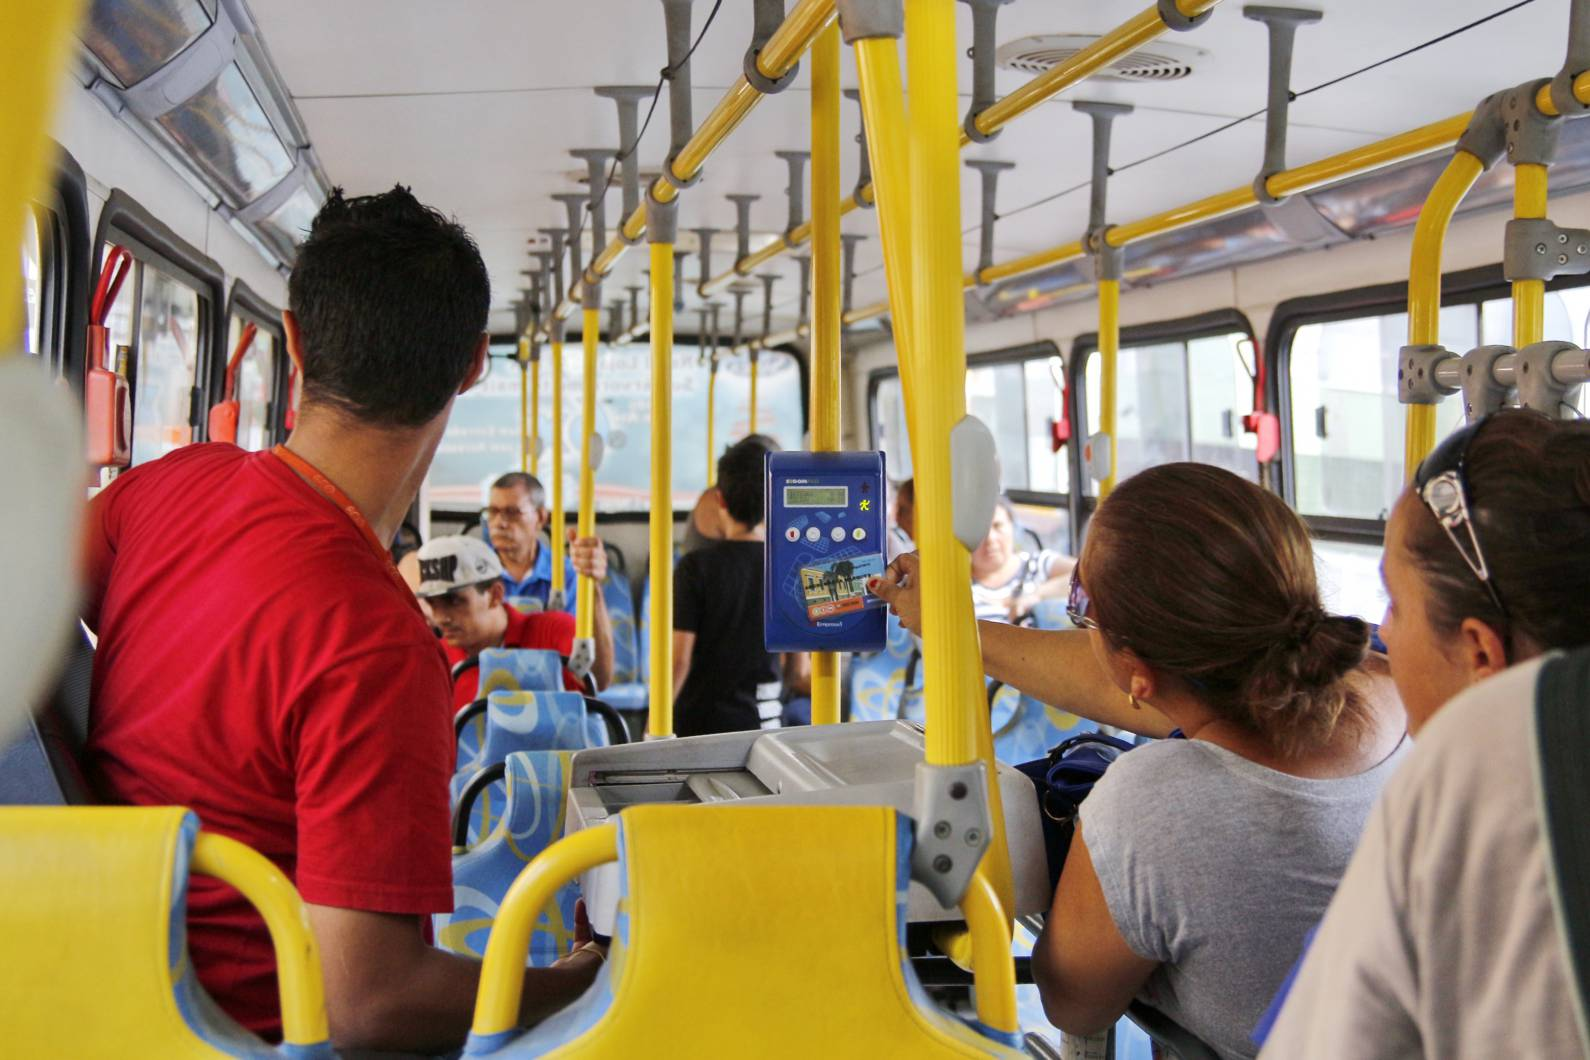 'Sem cobrador e só entra com o VEM', mudança causa polêmica em Pernambuco